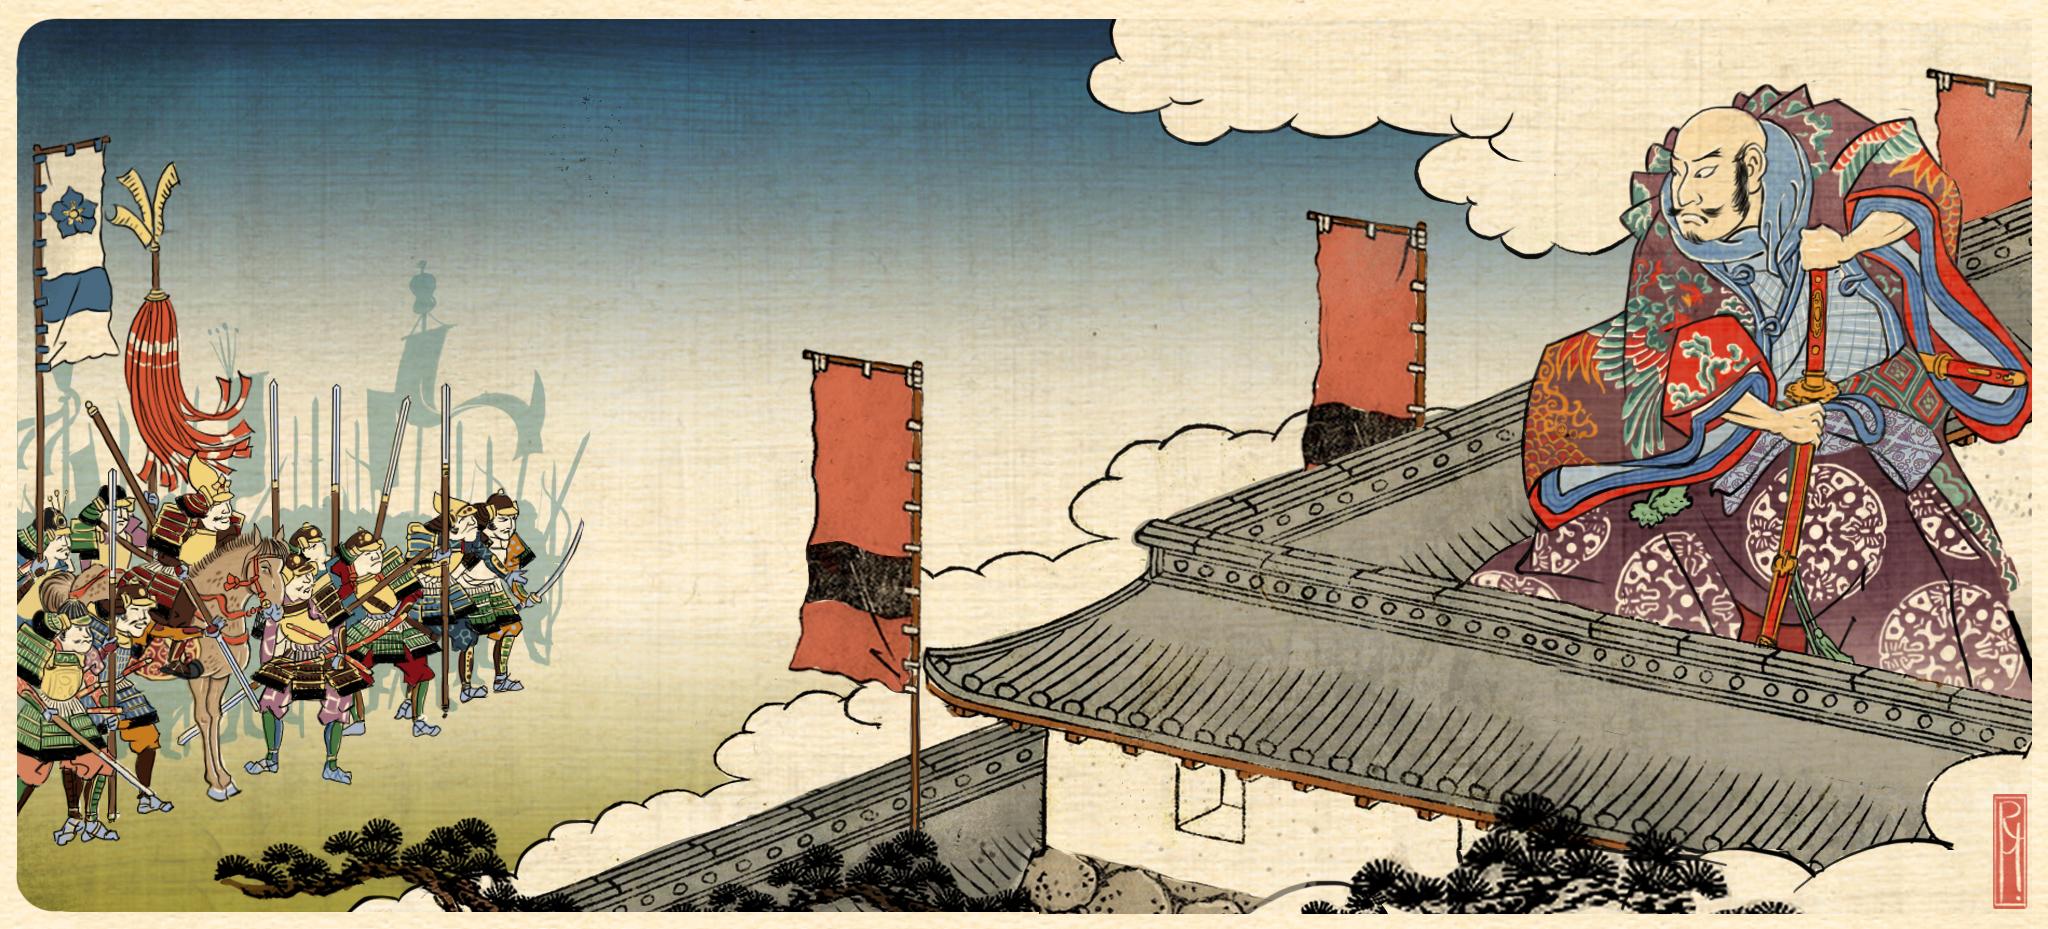 Total War Shogun 2 Fall Of The Samurai Wallpaper Shogun 2 Total War Concept Art Blue S News